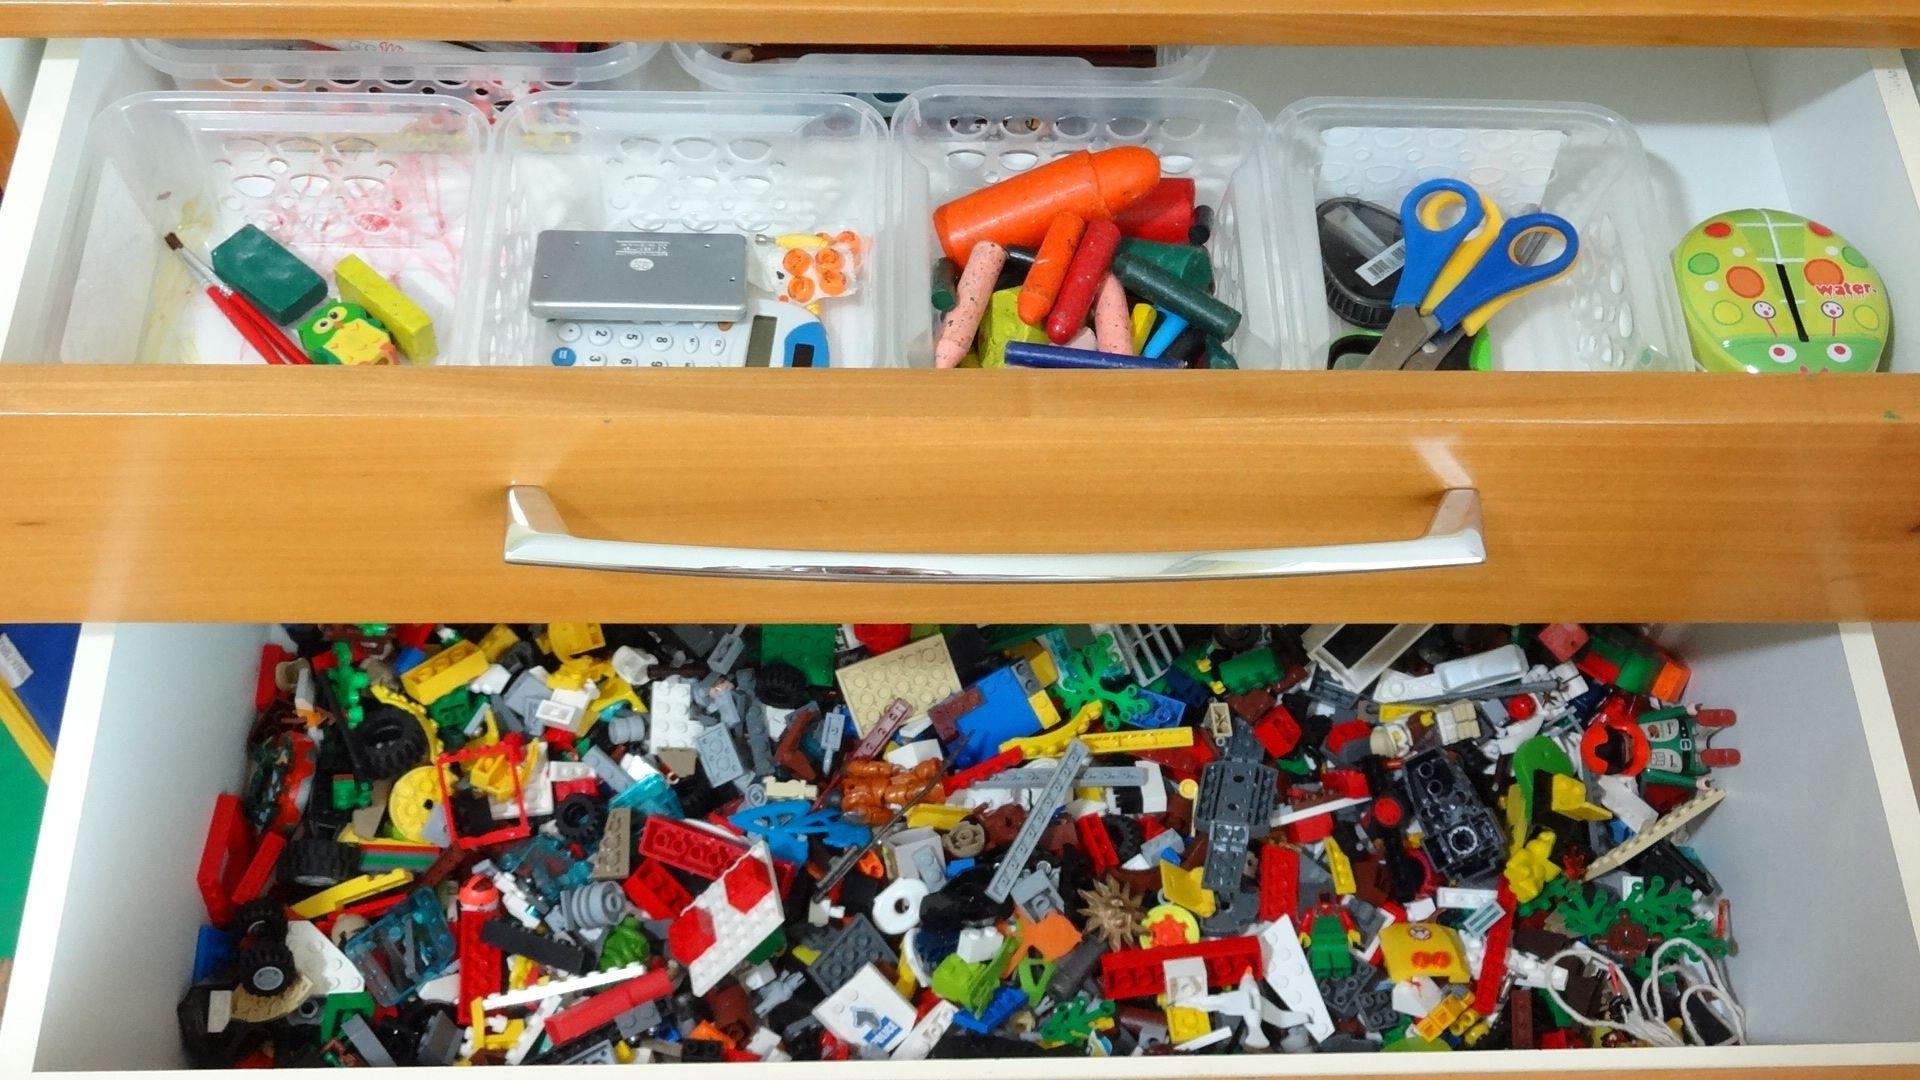 Para Organizar Qualquer Ambiente Preciso Separar Os Objetos Por  ~ Organizando O Quarto De Brinquedos